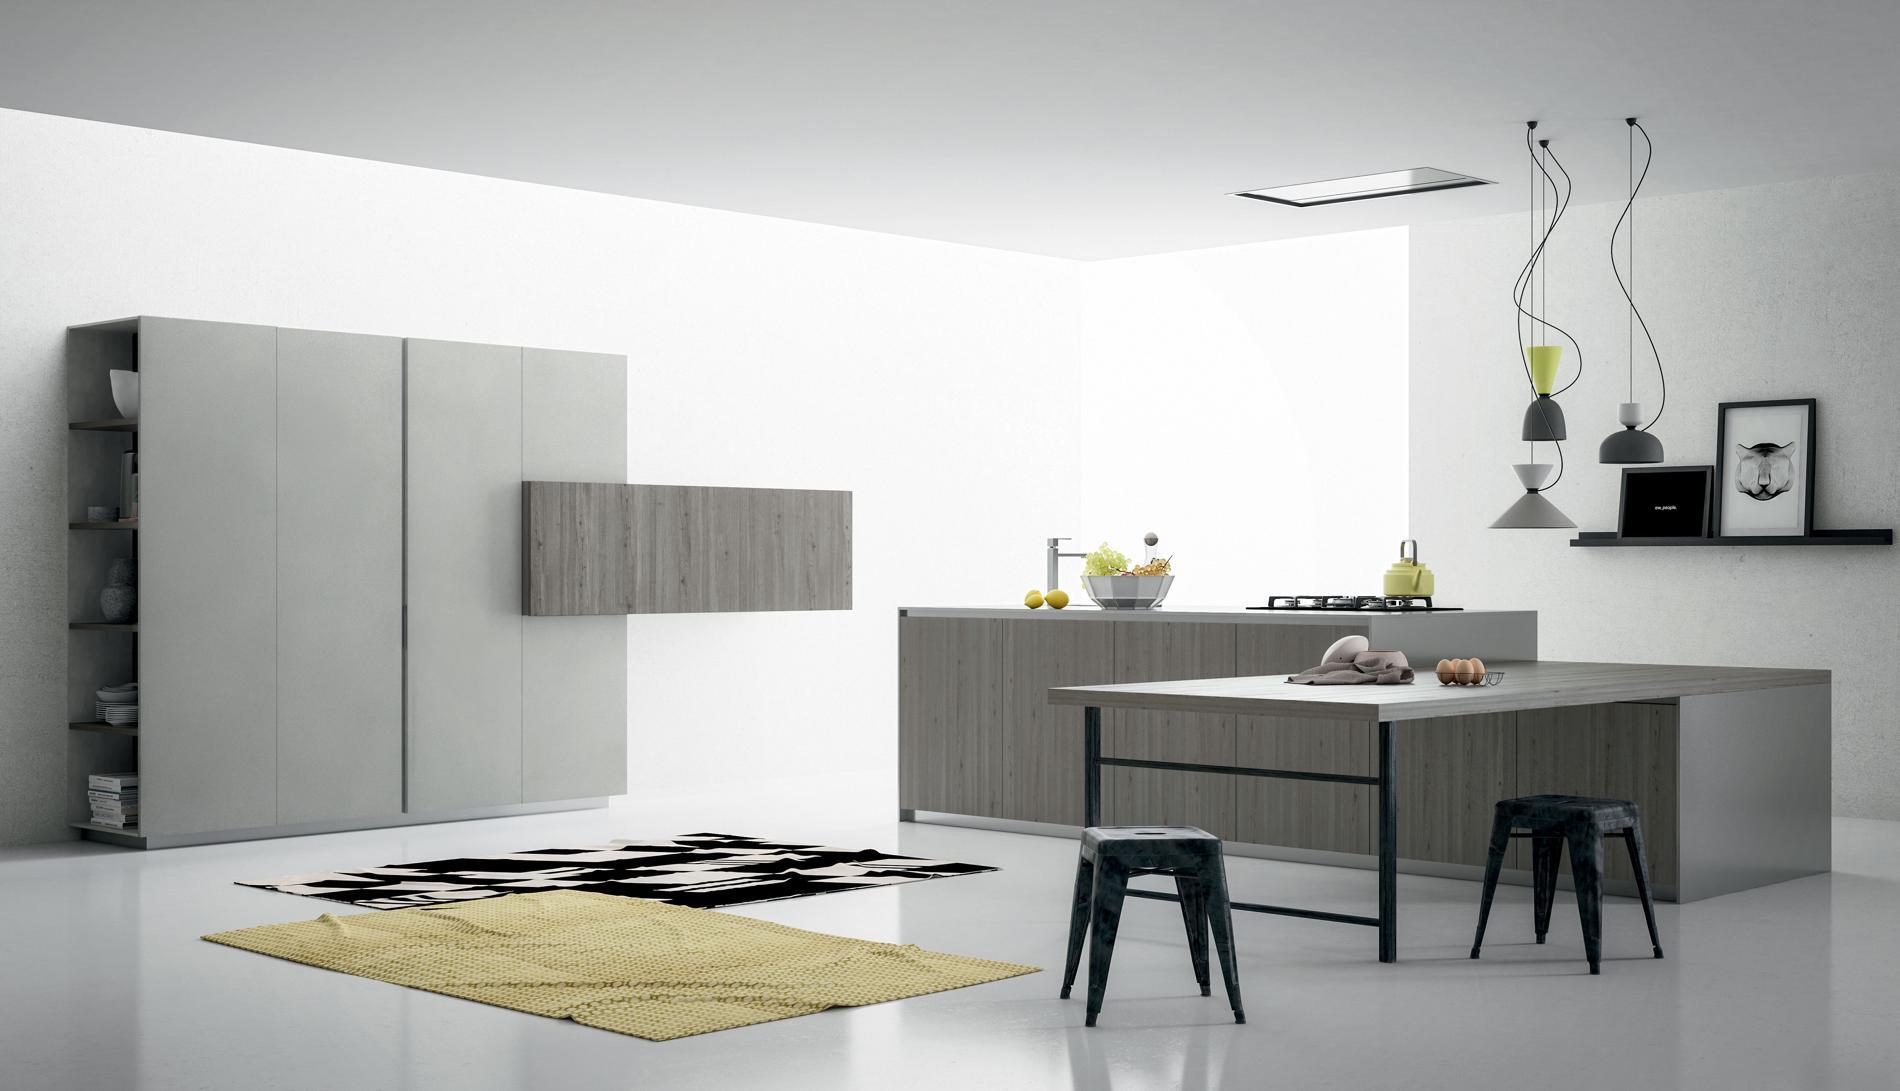 Κουζίνα Fibra cemento πατητή τσιμεντοκονία και πάγκο ανοξείδωτο ατσάλι και υφή ξύλου HPL